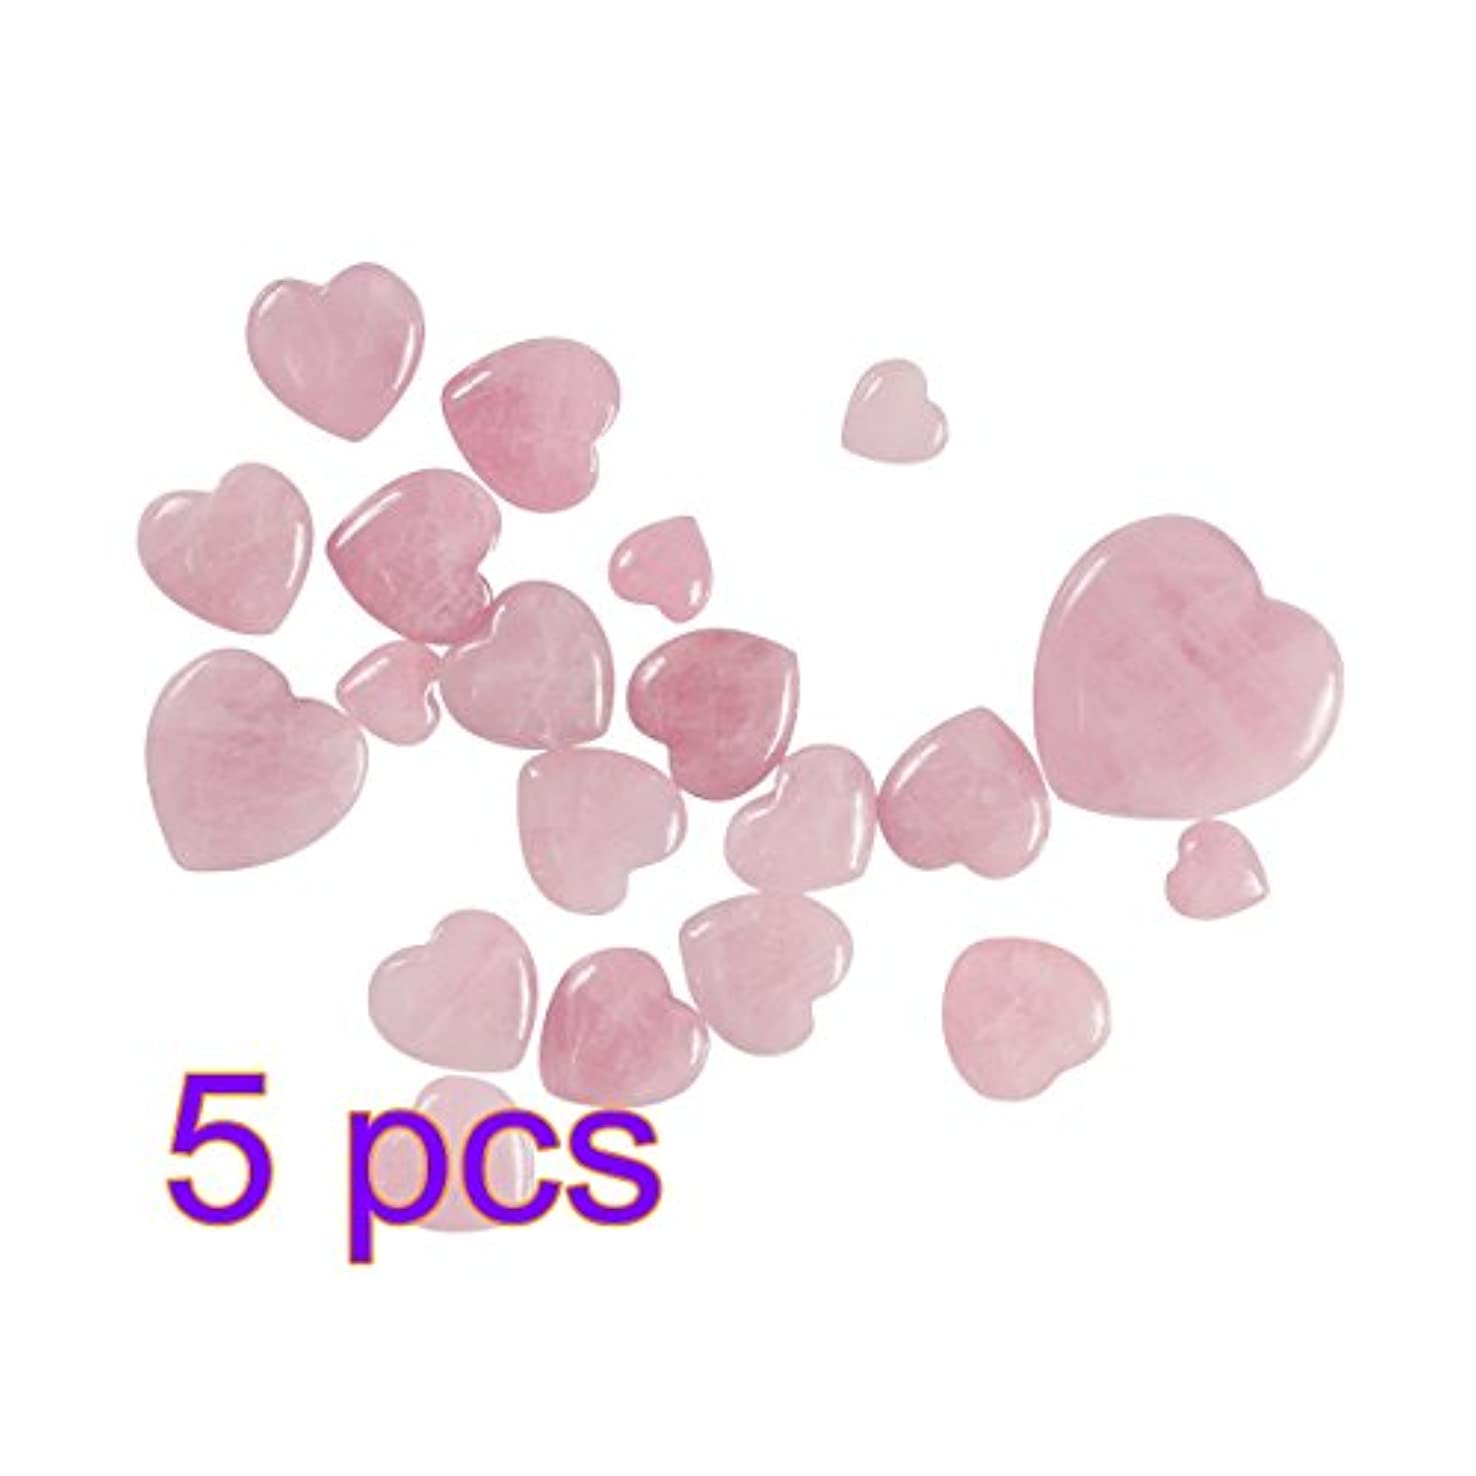 固体小さいなすWINOMO 5本のヒーリングクリスタルナチュラルローズクォーツパフィーハートシェイプパームストーンクリスタルヒーリング宝石のホームインテリア